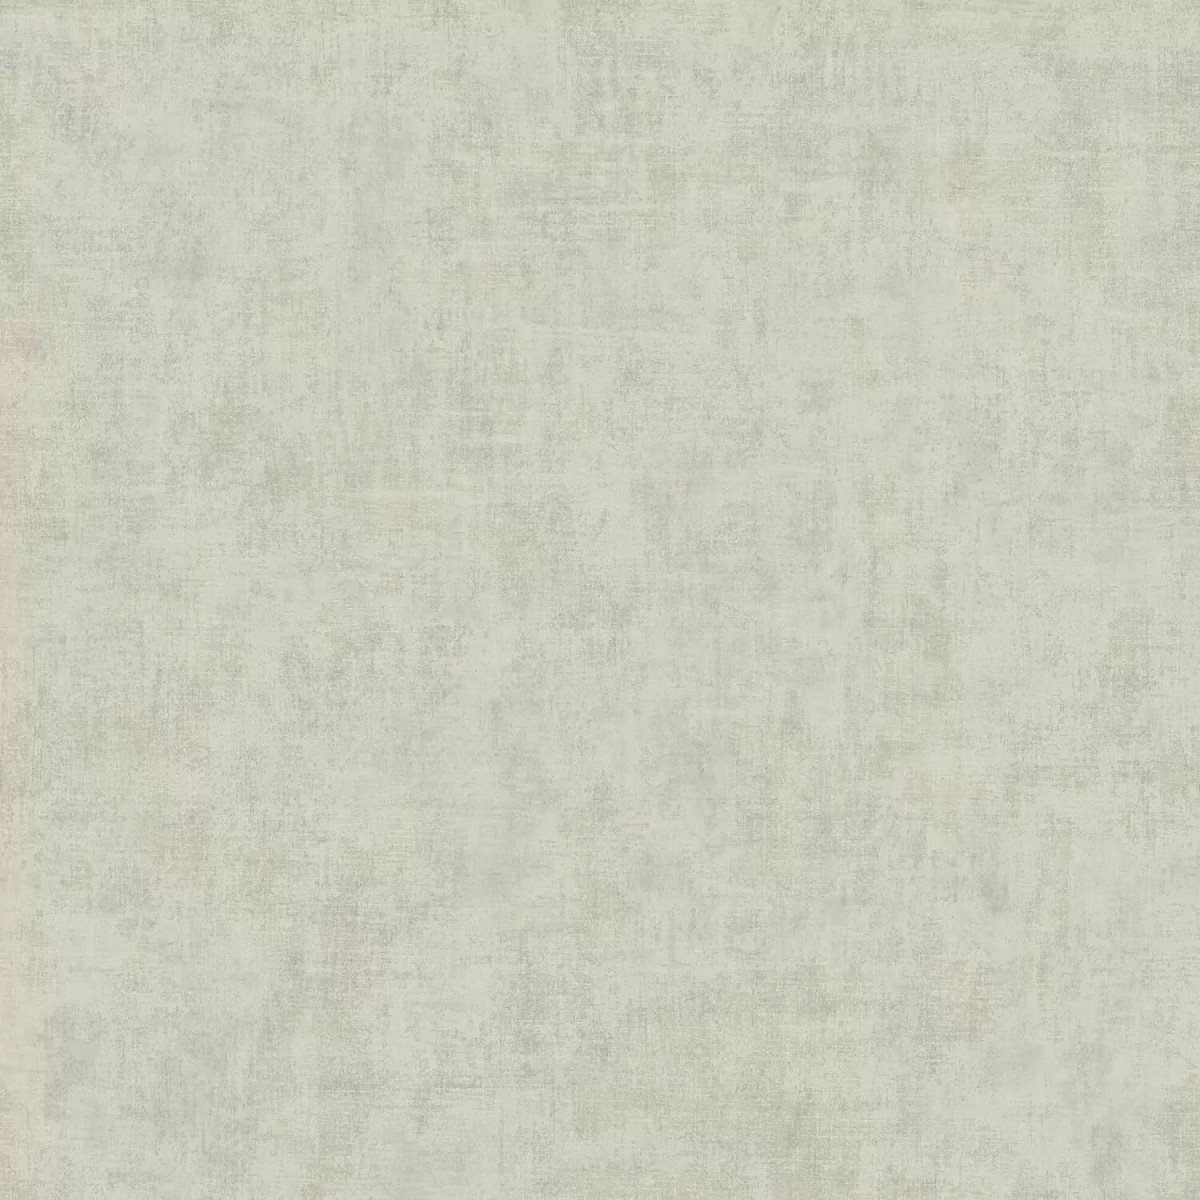 Обои флизелиновые Decoprint Sherazade SH20008 серые 0.53 м